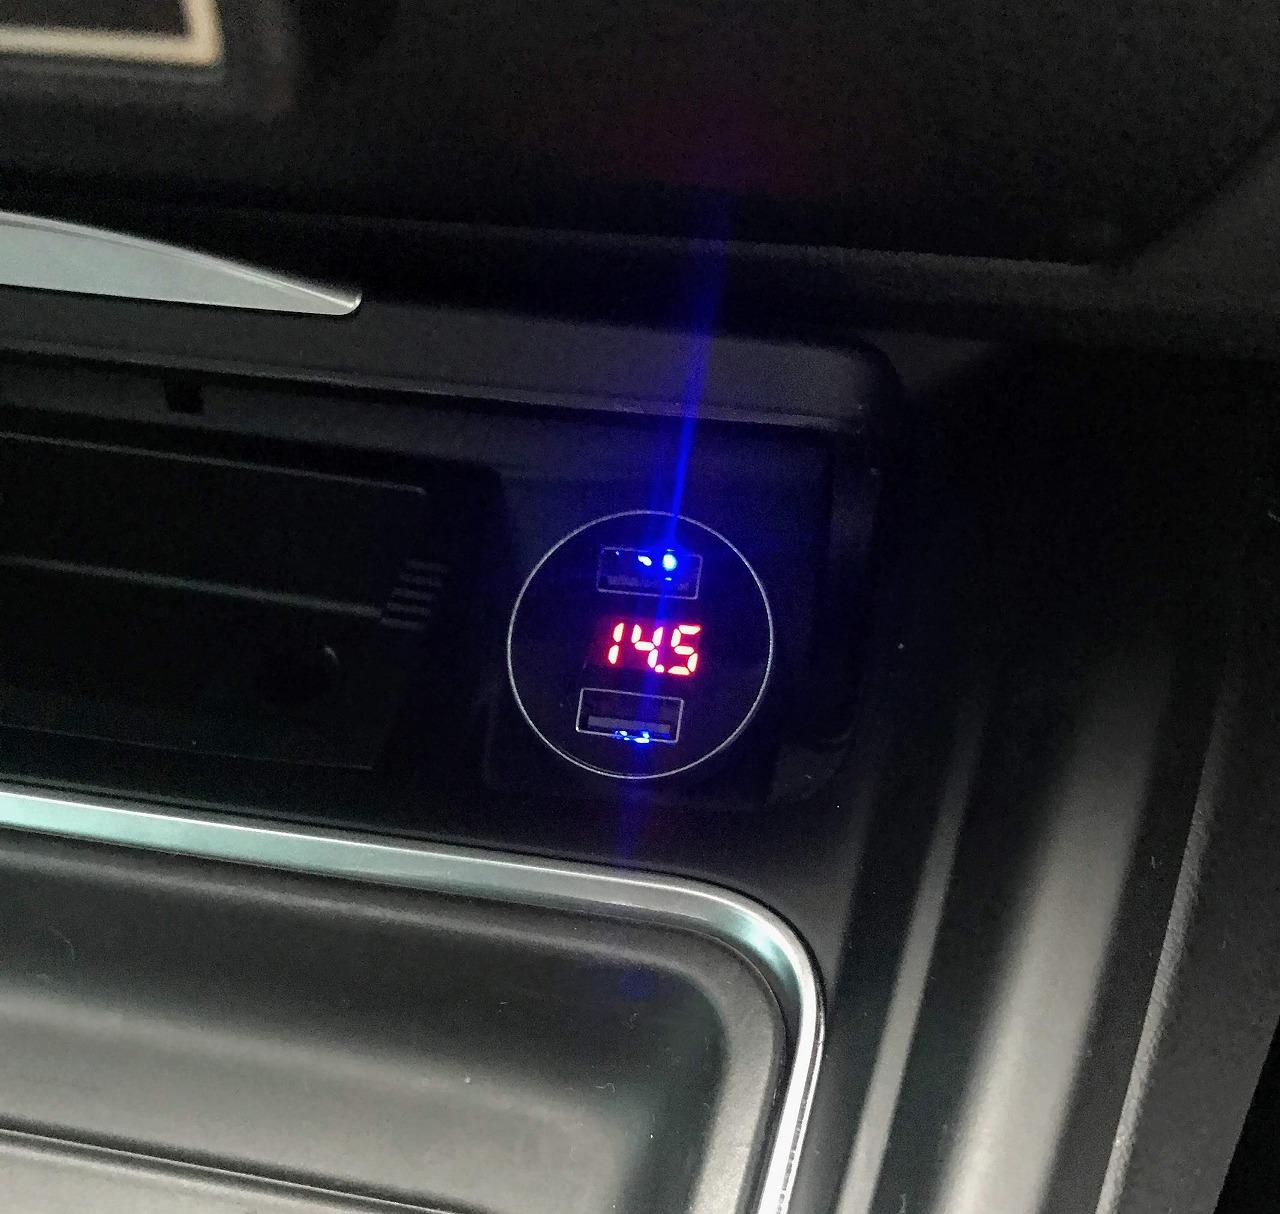 電圧計付きUSBシガーソケット車載充電器を買って試してみました^^